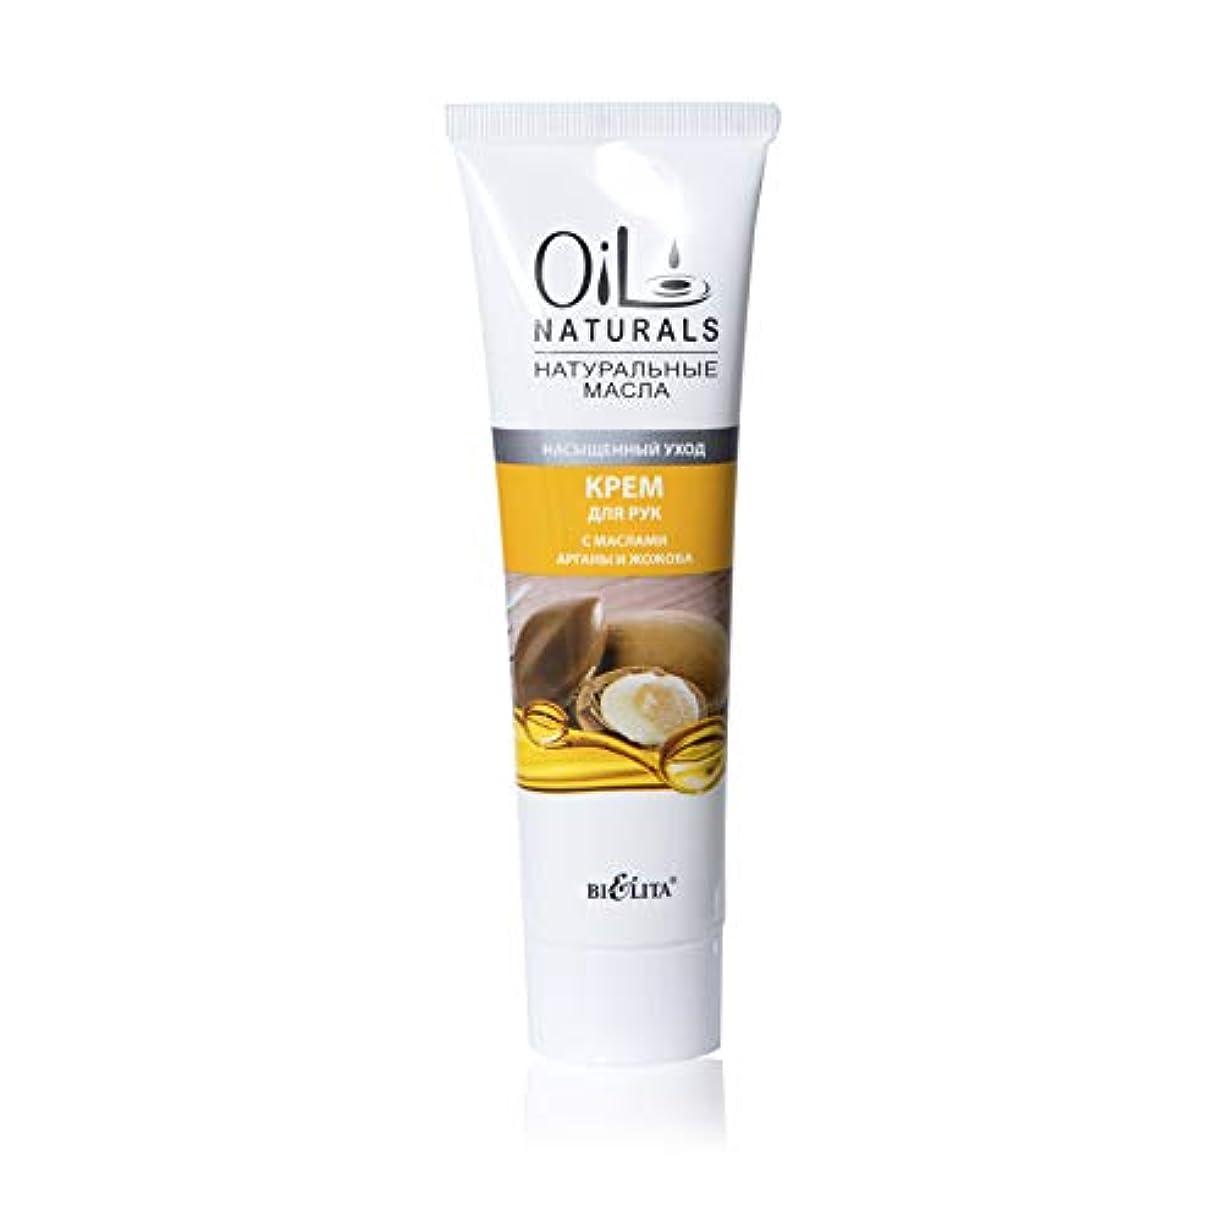 隣接マーチャンダイジング画面Bielita & Vitex Oil Naturals Line | Saturate Care Hand Cream, 100 ml | Argan Oil, Silk Proteins, Jojoba Oil, Vitamins